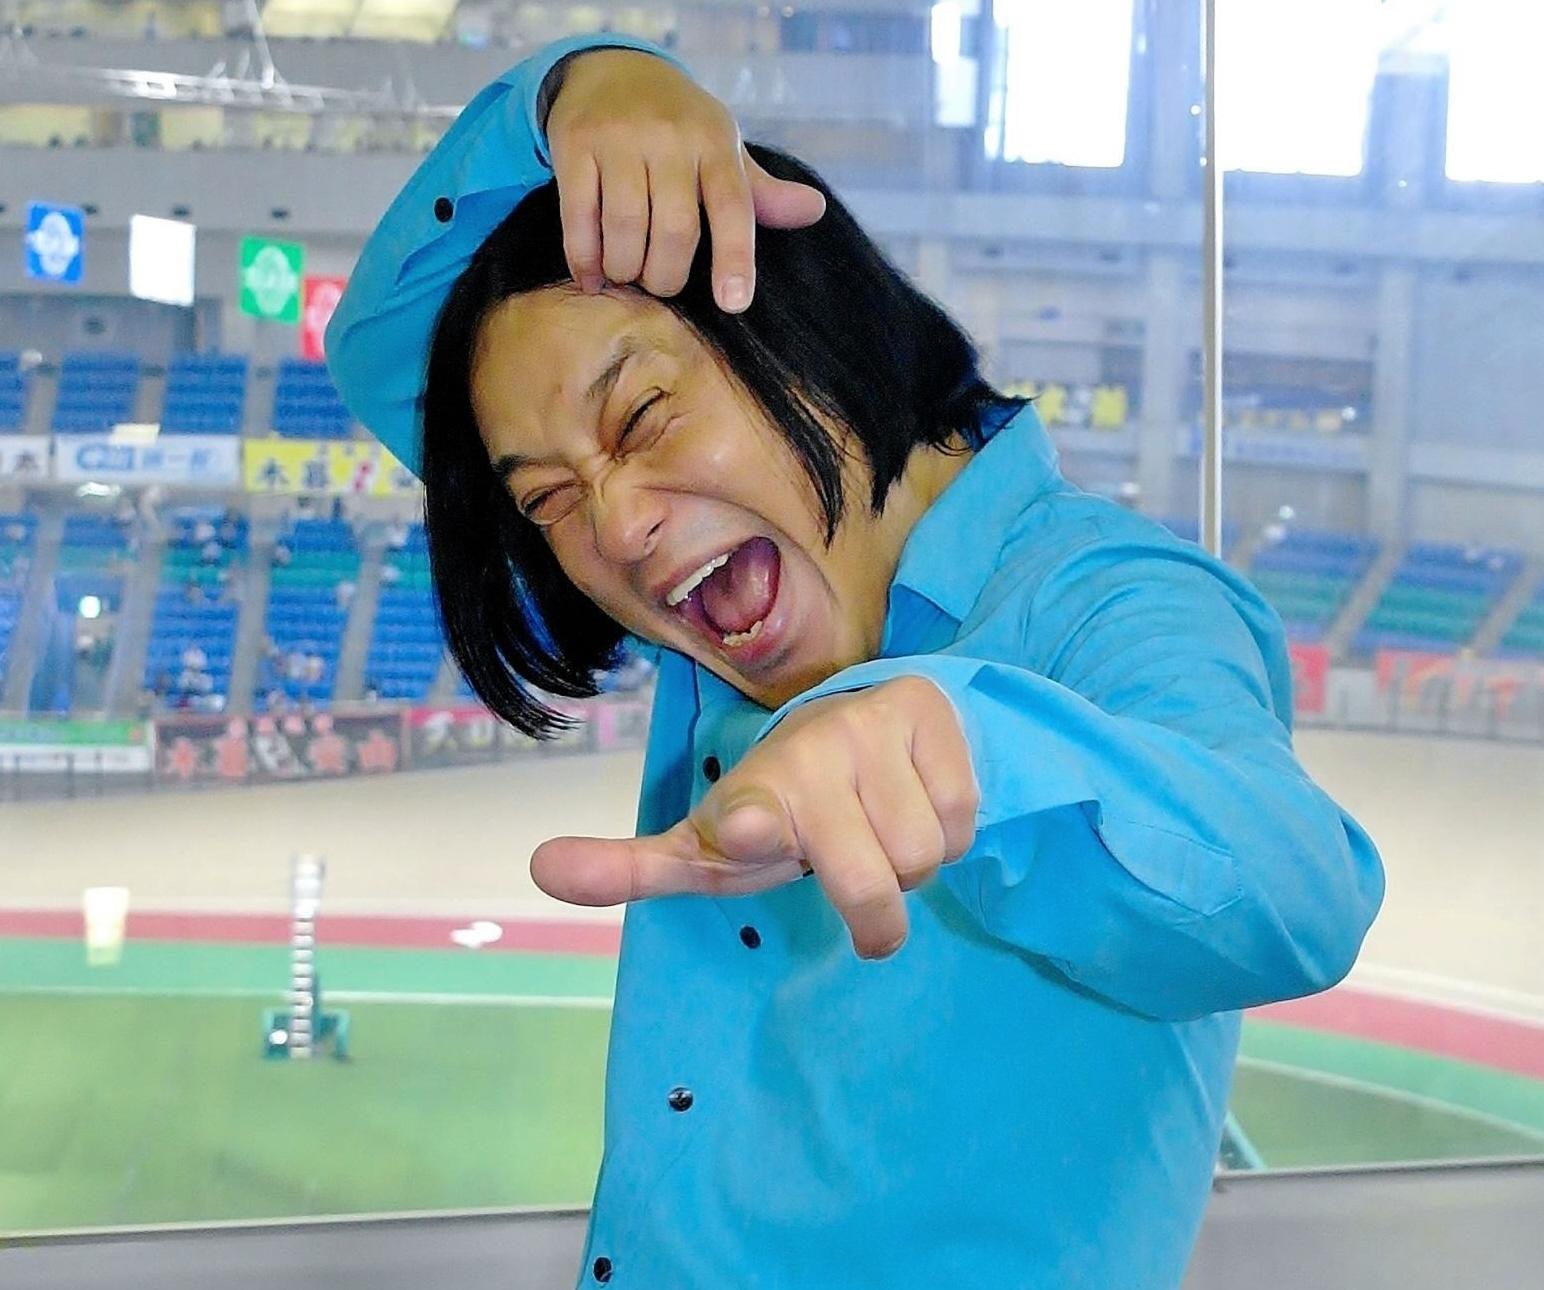 永野 (お笑い芸人)の画像 p1_25